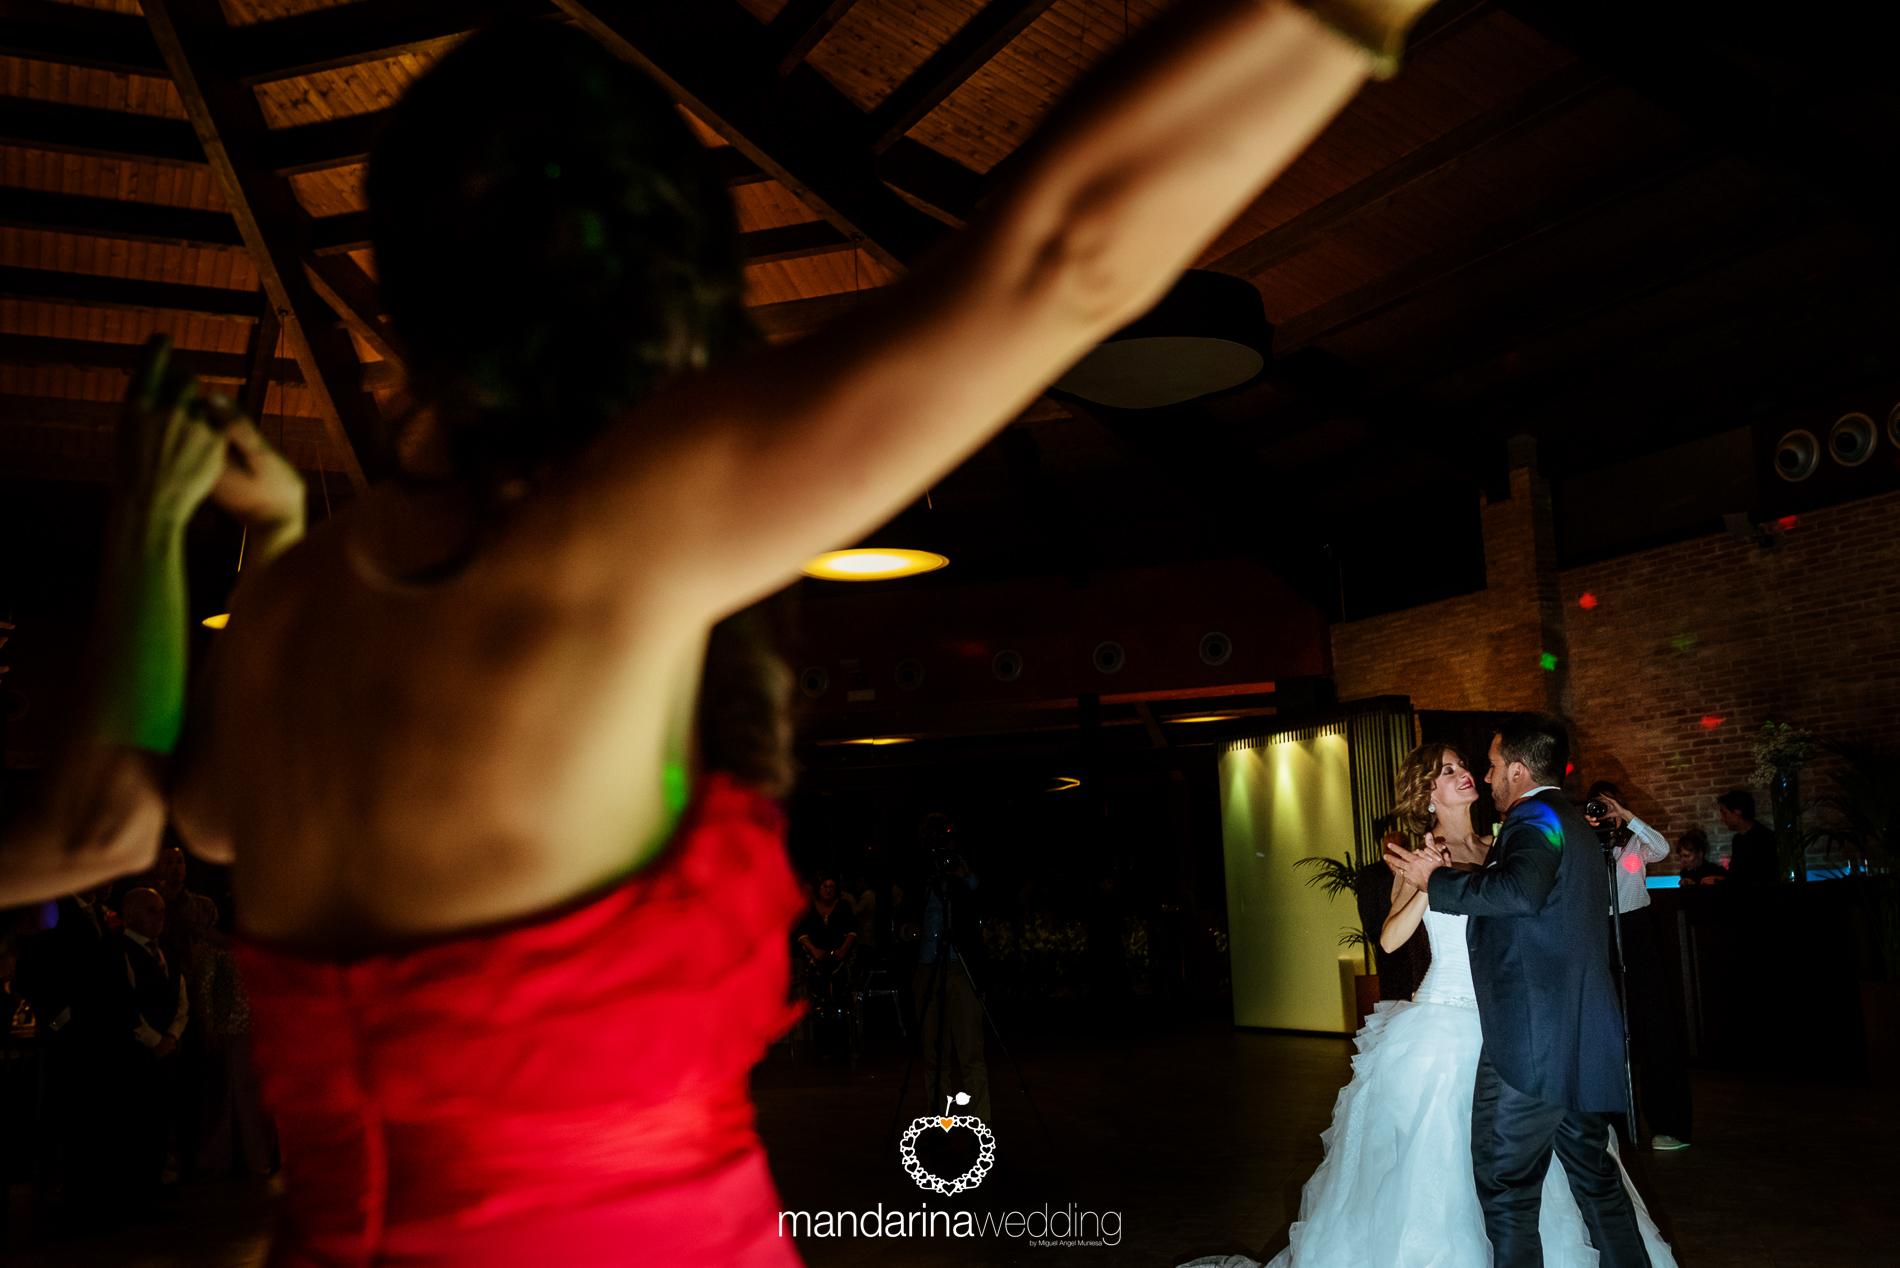 mandarina wedding_37